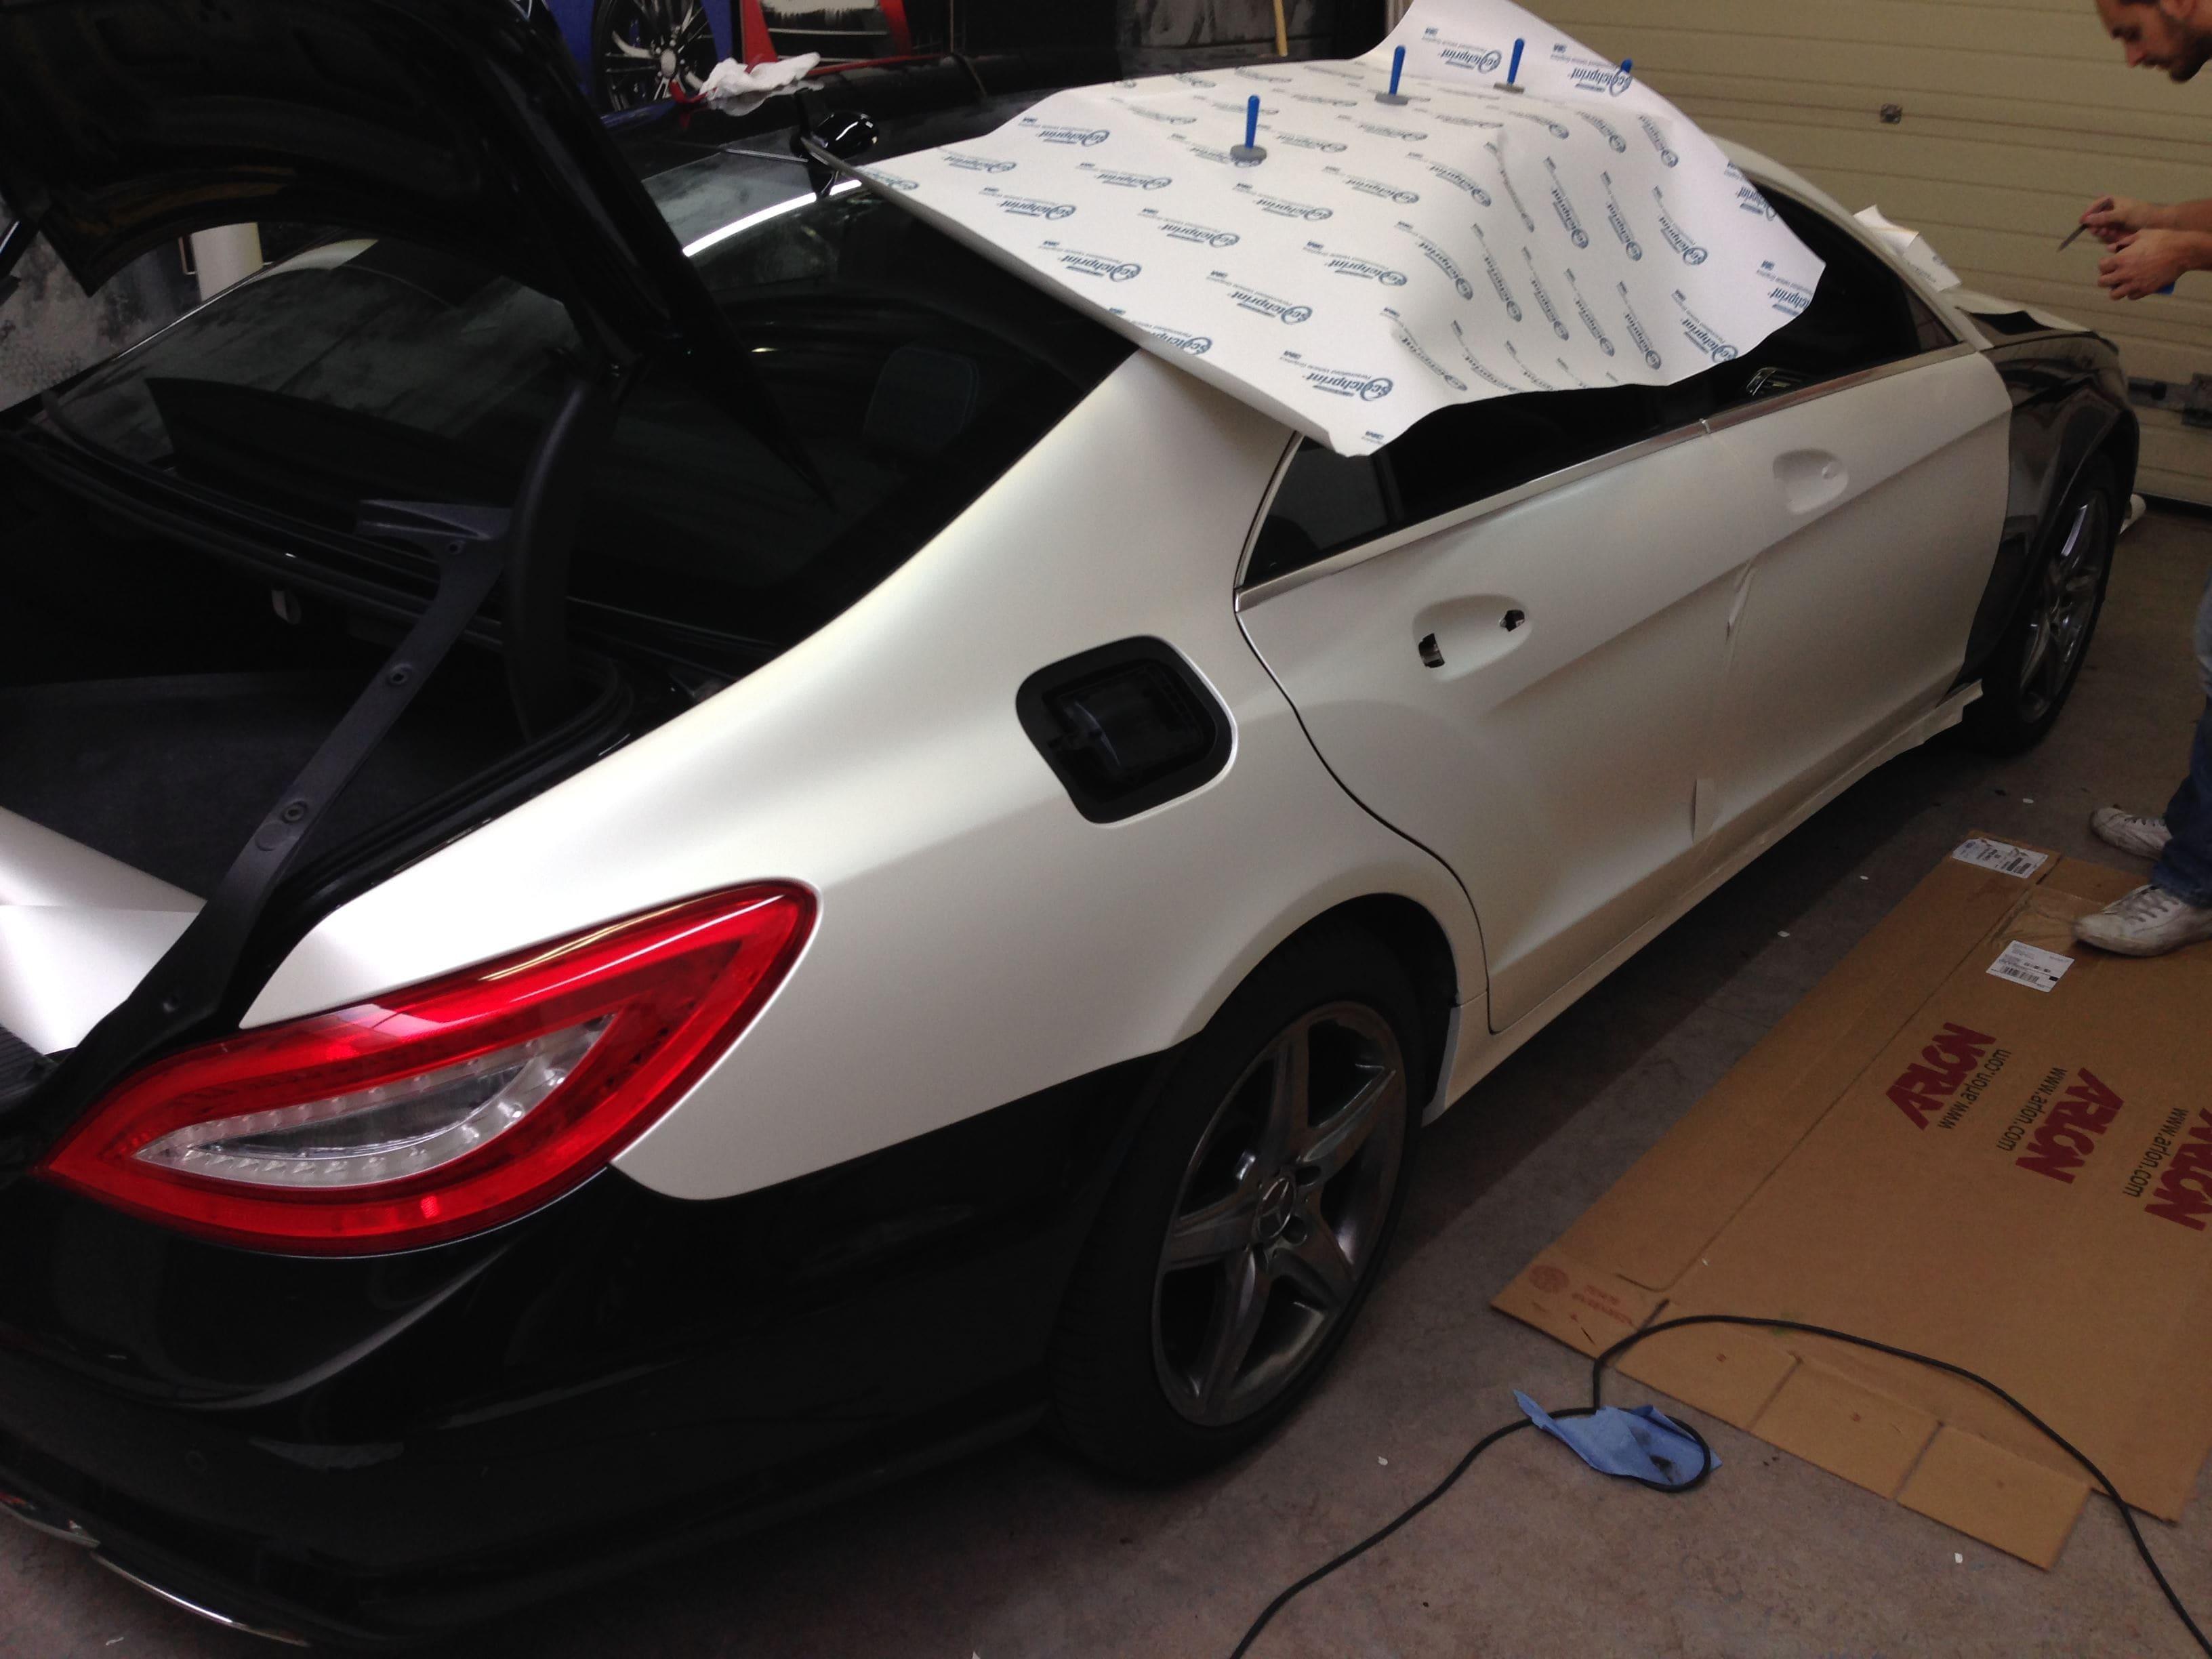 Mercedes CLS met White Satin Pearl Wrap, Carwrapping door Wrapmyride.nu Foto-nr:6177, ©2021